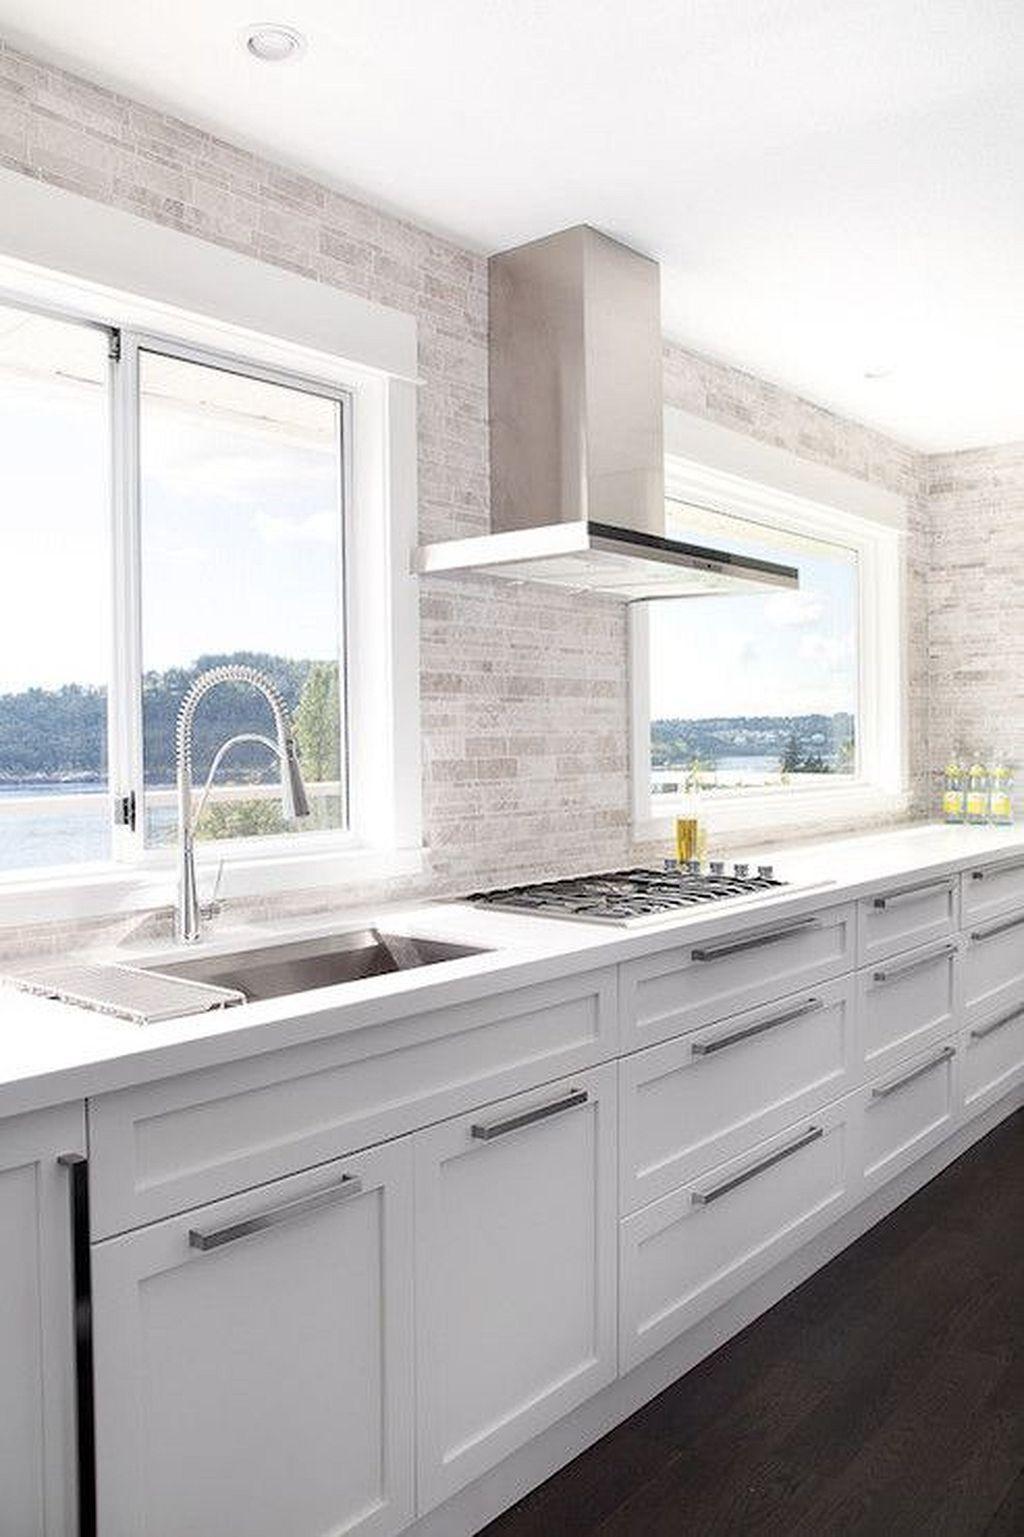 Gorgeous 20 Modern White Kitchen Cabinets Design Ideas Https Architecturemagz Com White Modern Kitchen White Contemporary Kitchen Kitchen Backsplash Designs